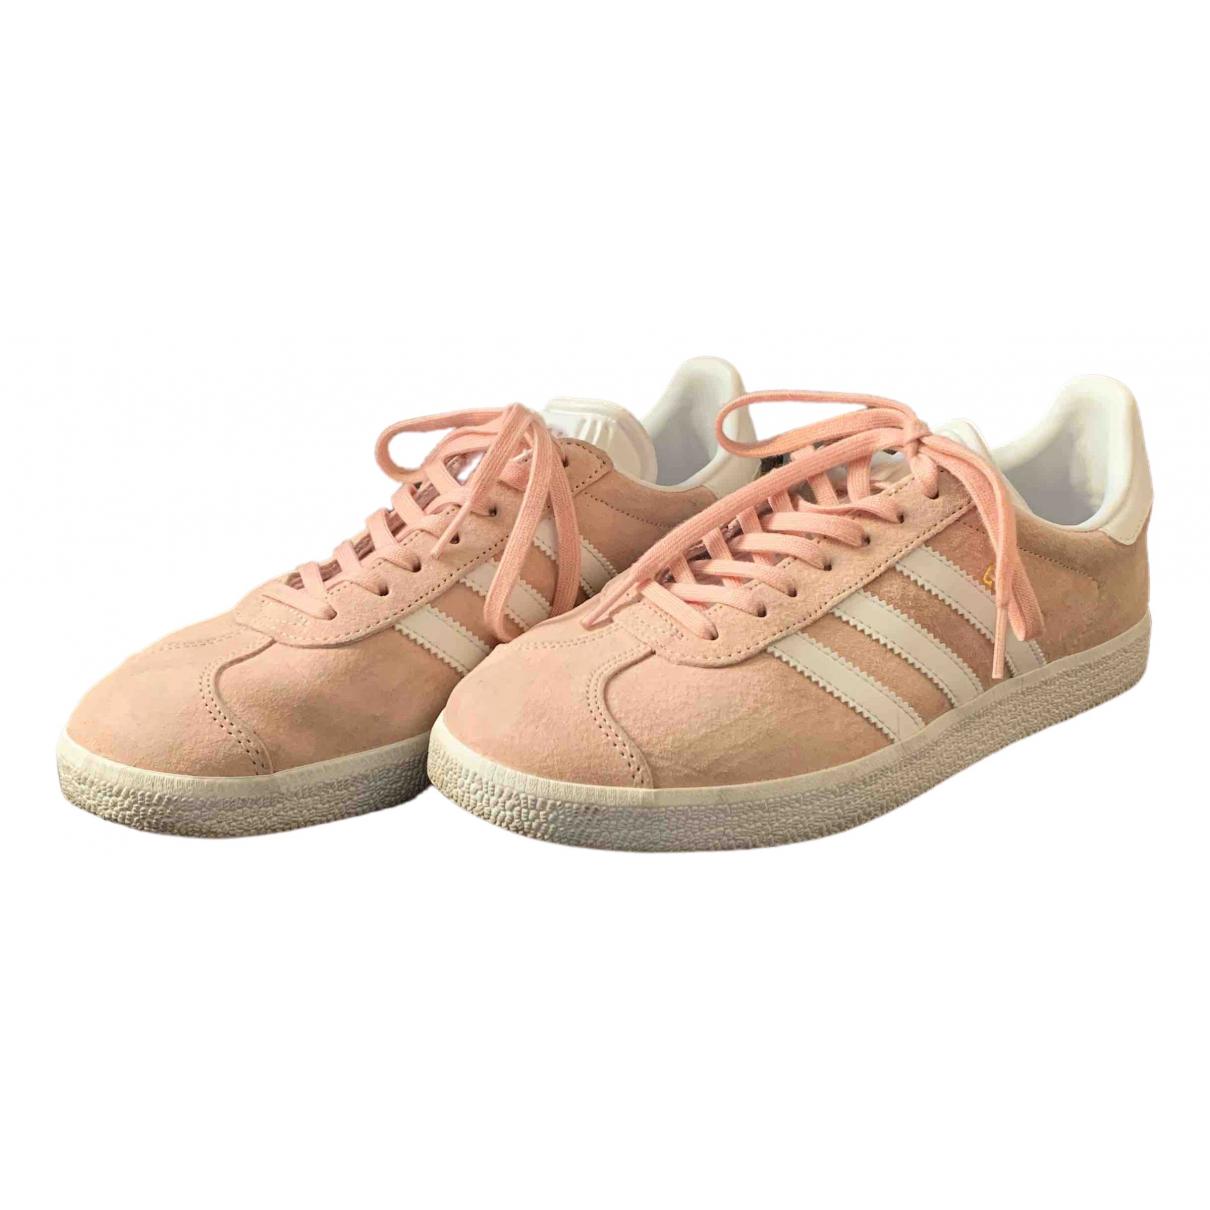 Adidas - Baskets Gazelle pour femme en suede - rose